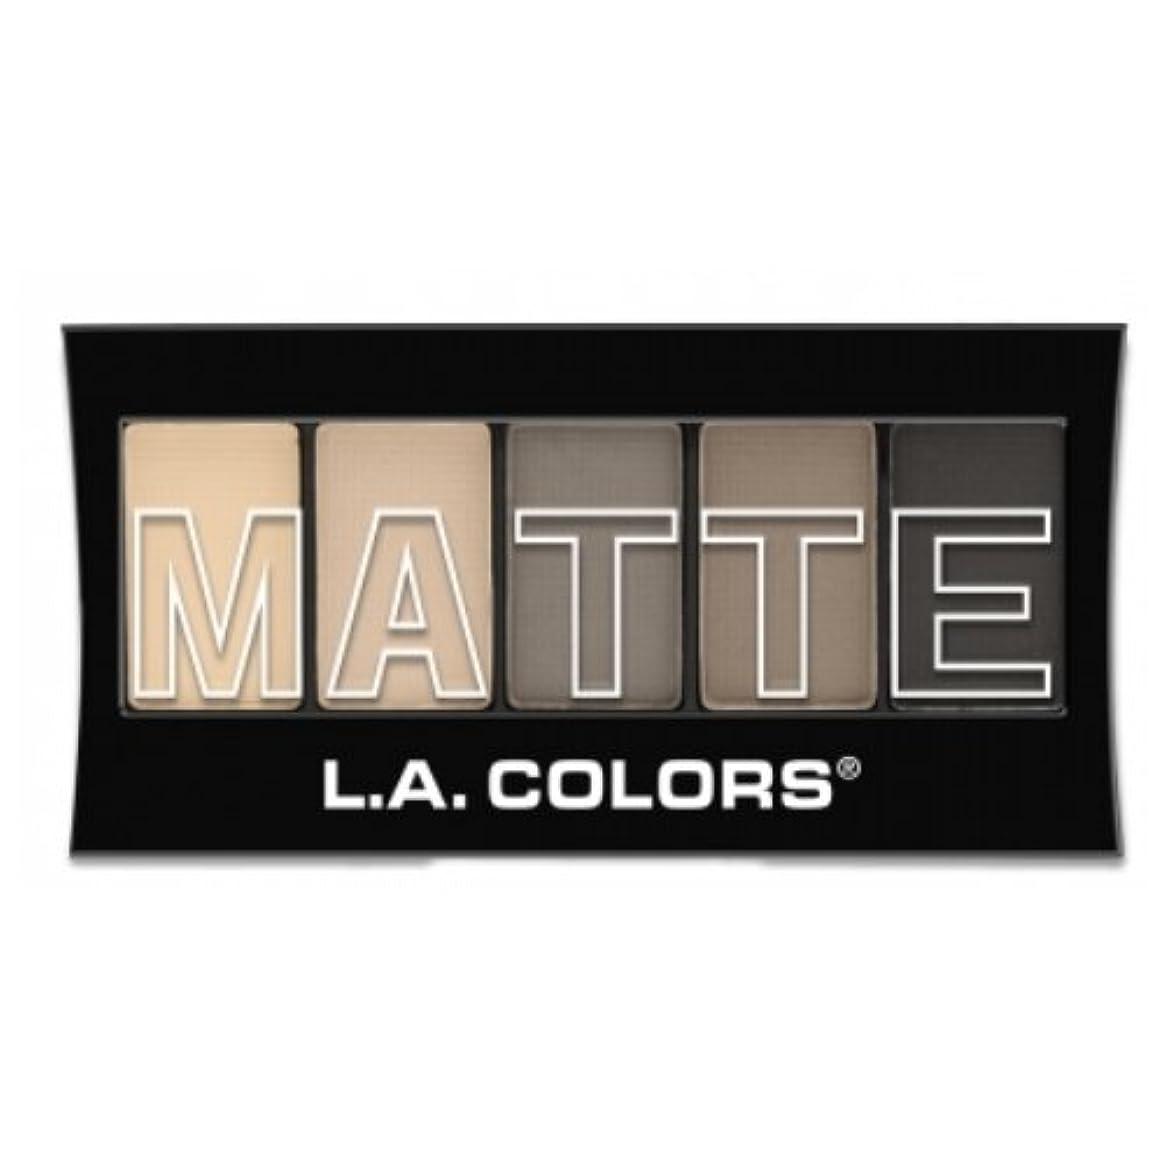 自然公園批判的に一時的(3 Pack) L.A. Colors Matte Eyeshadow - Nude Suede (並行輸入品)